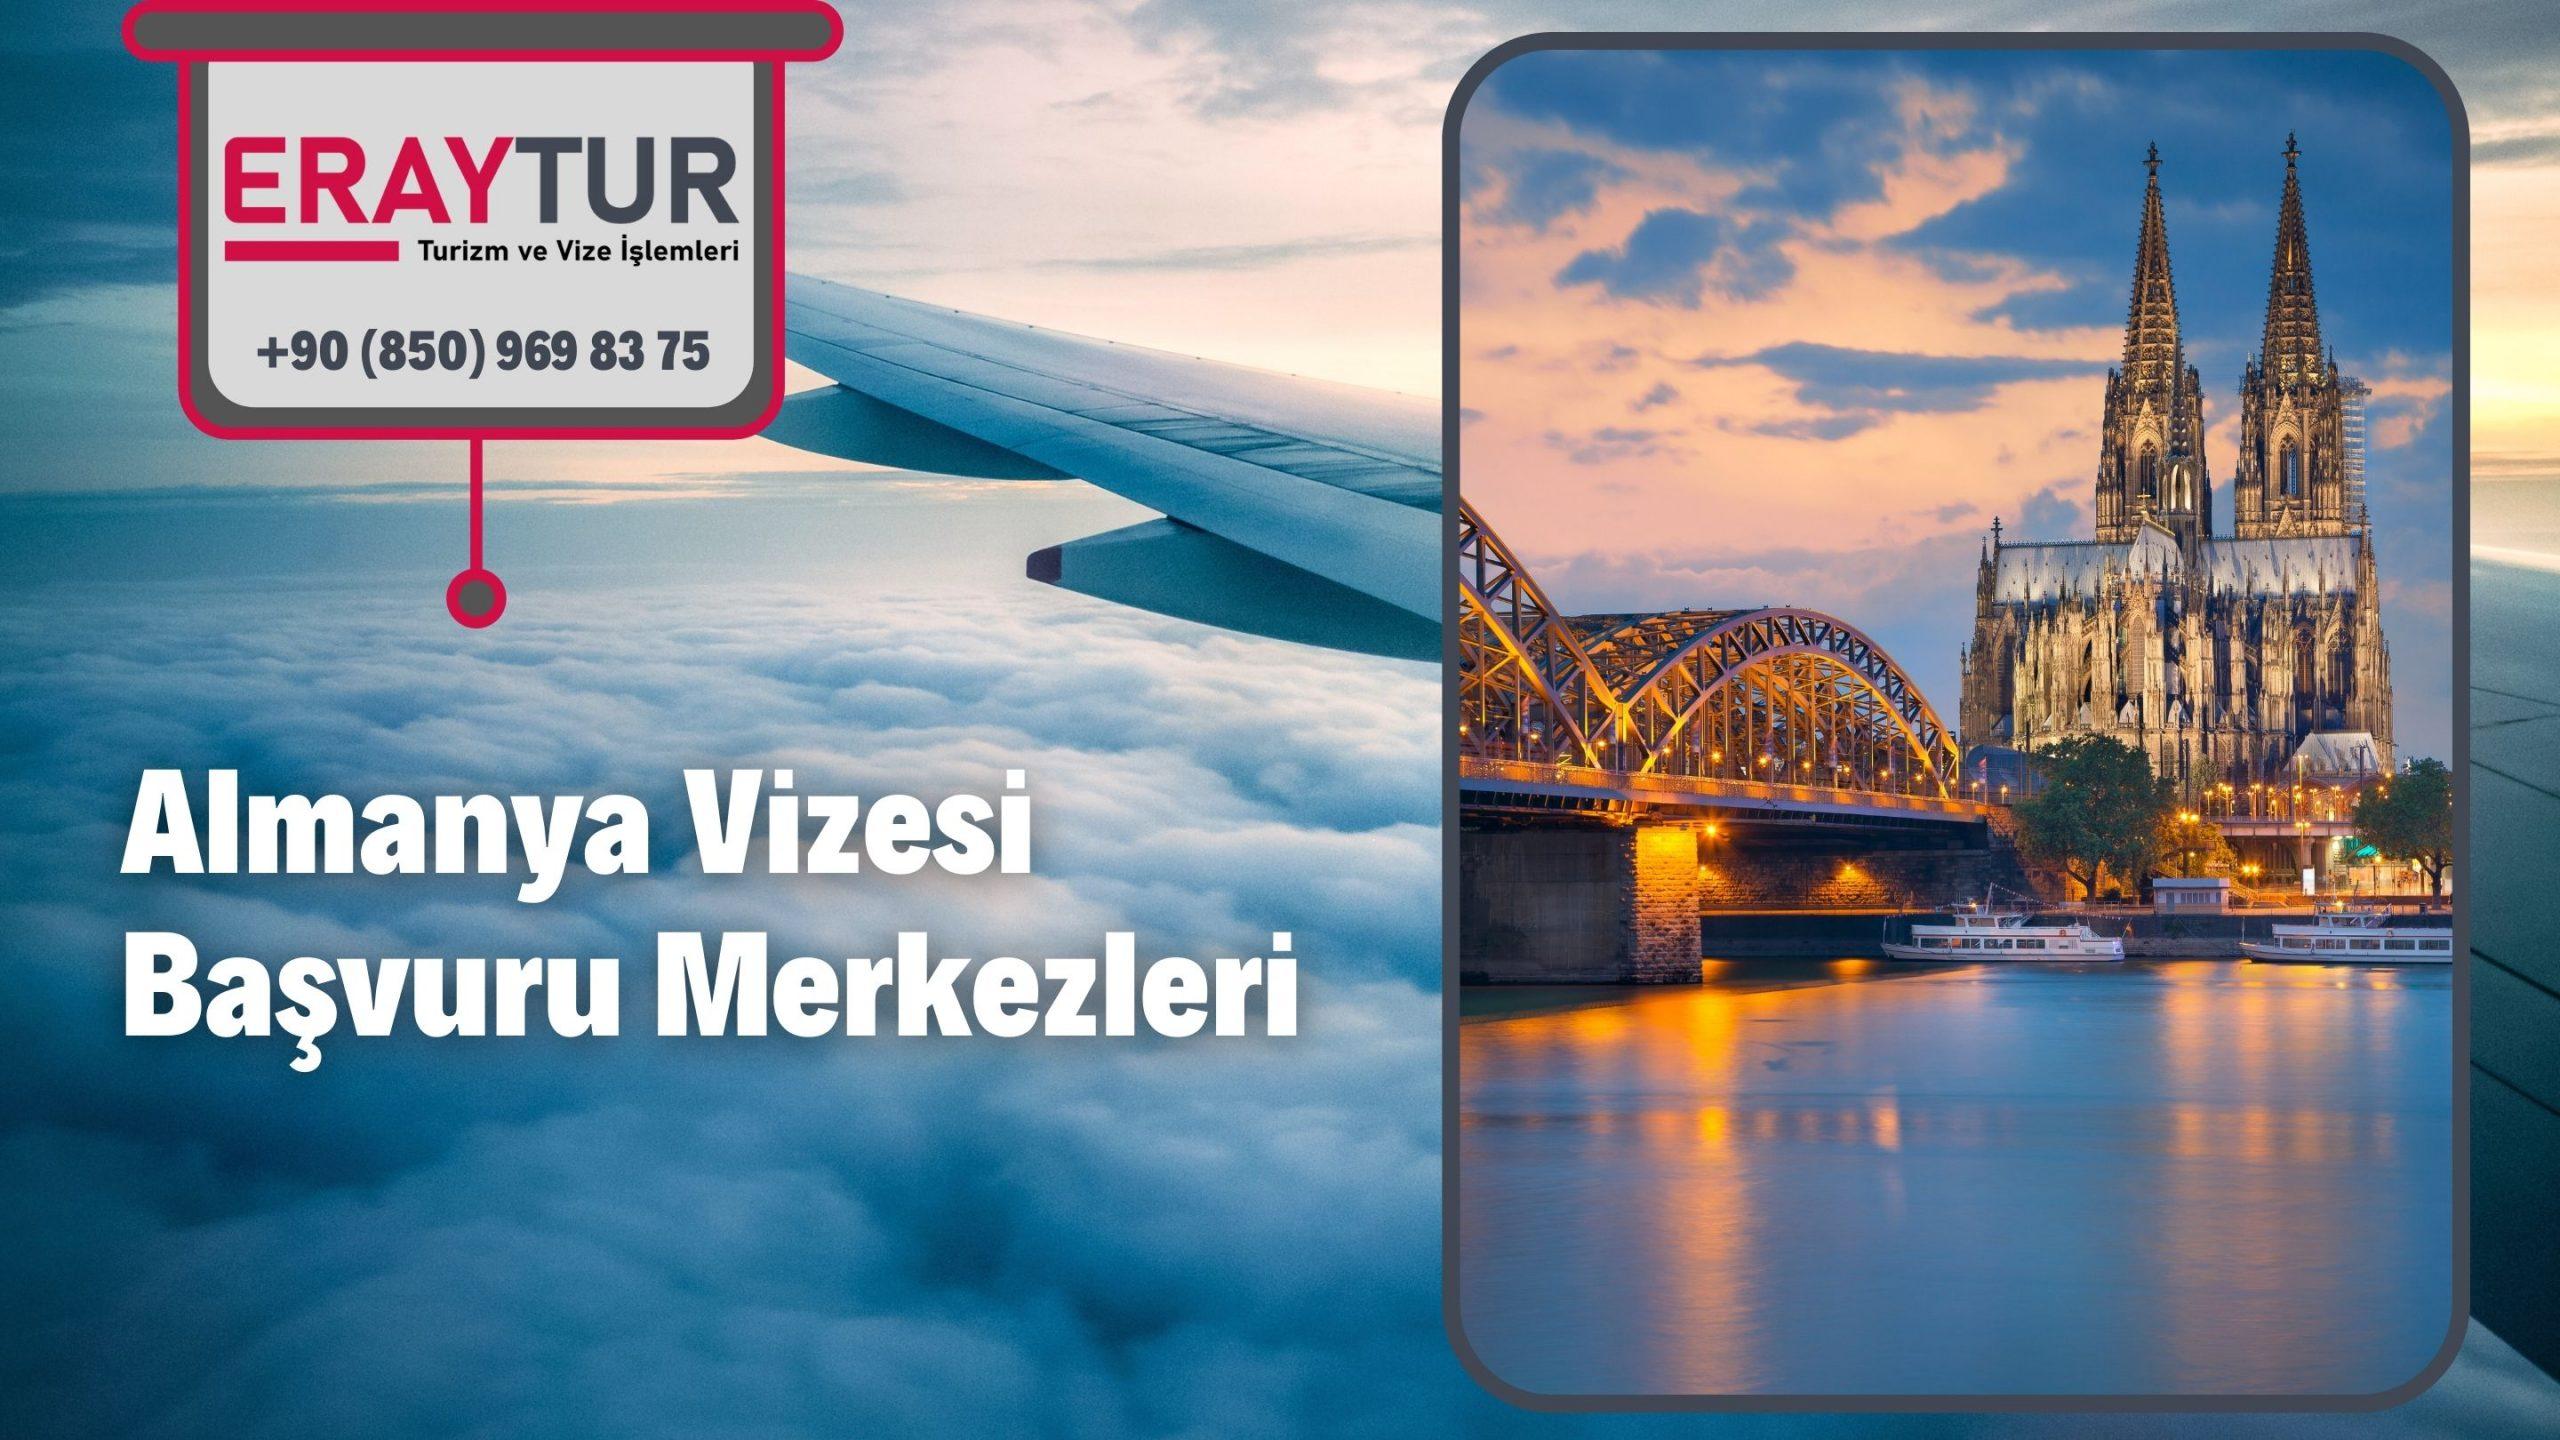 Almanya Vizesi Başvuru Merkezleri 1 – almanya vizesi basvuru merkezleri 2 scaled